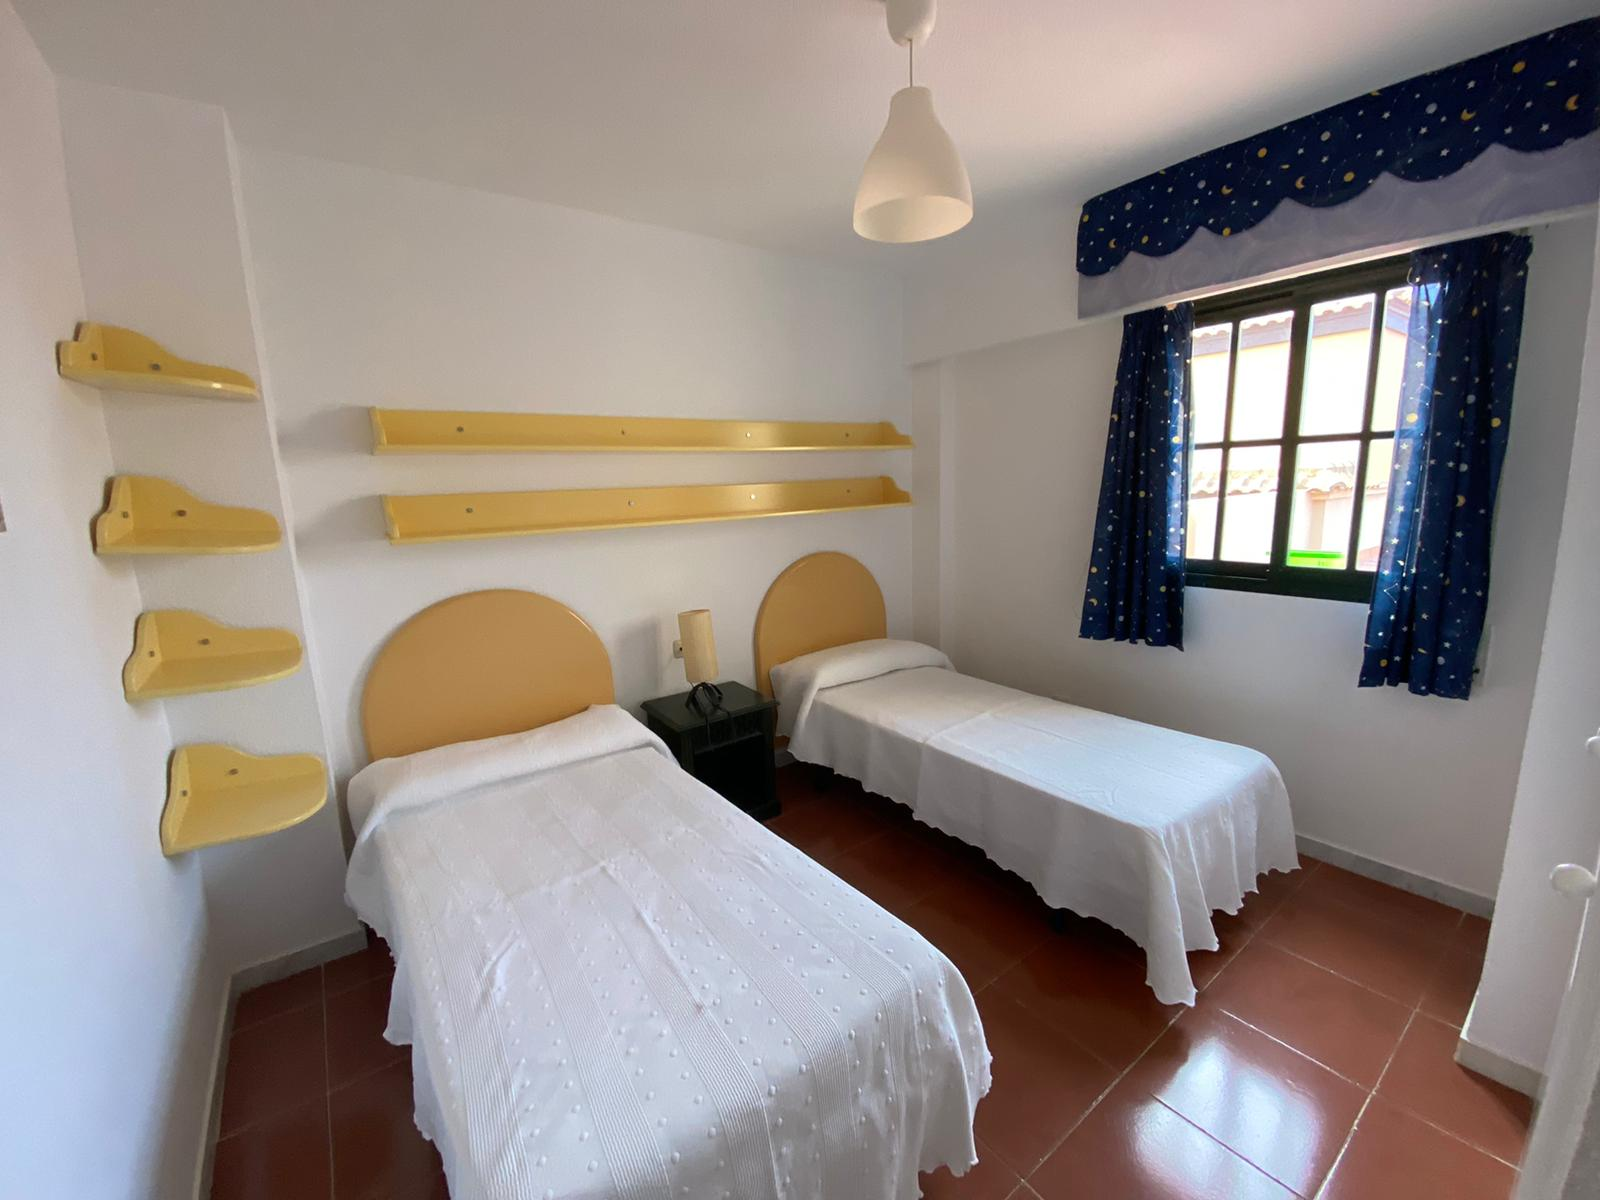 Imagen 20 del Vivienda Turística, Ático 93 (3d+2b), Isla Canela (HUELVA), Avda. de las Codornices nº 24 bloque 1-3